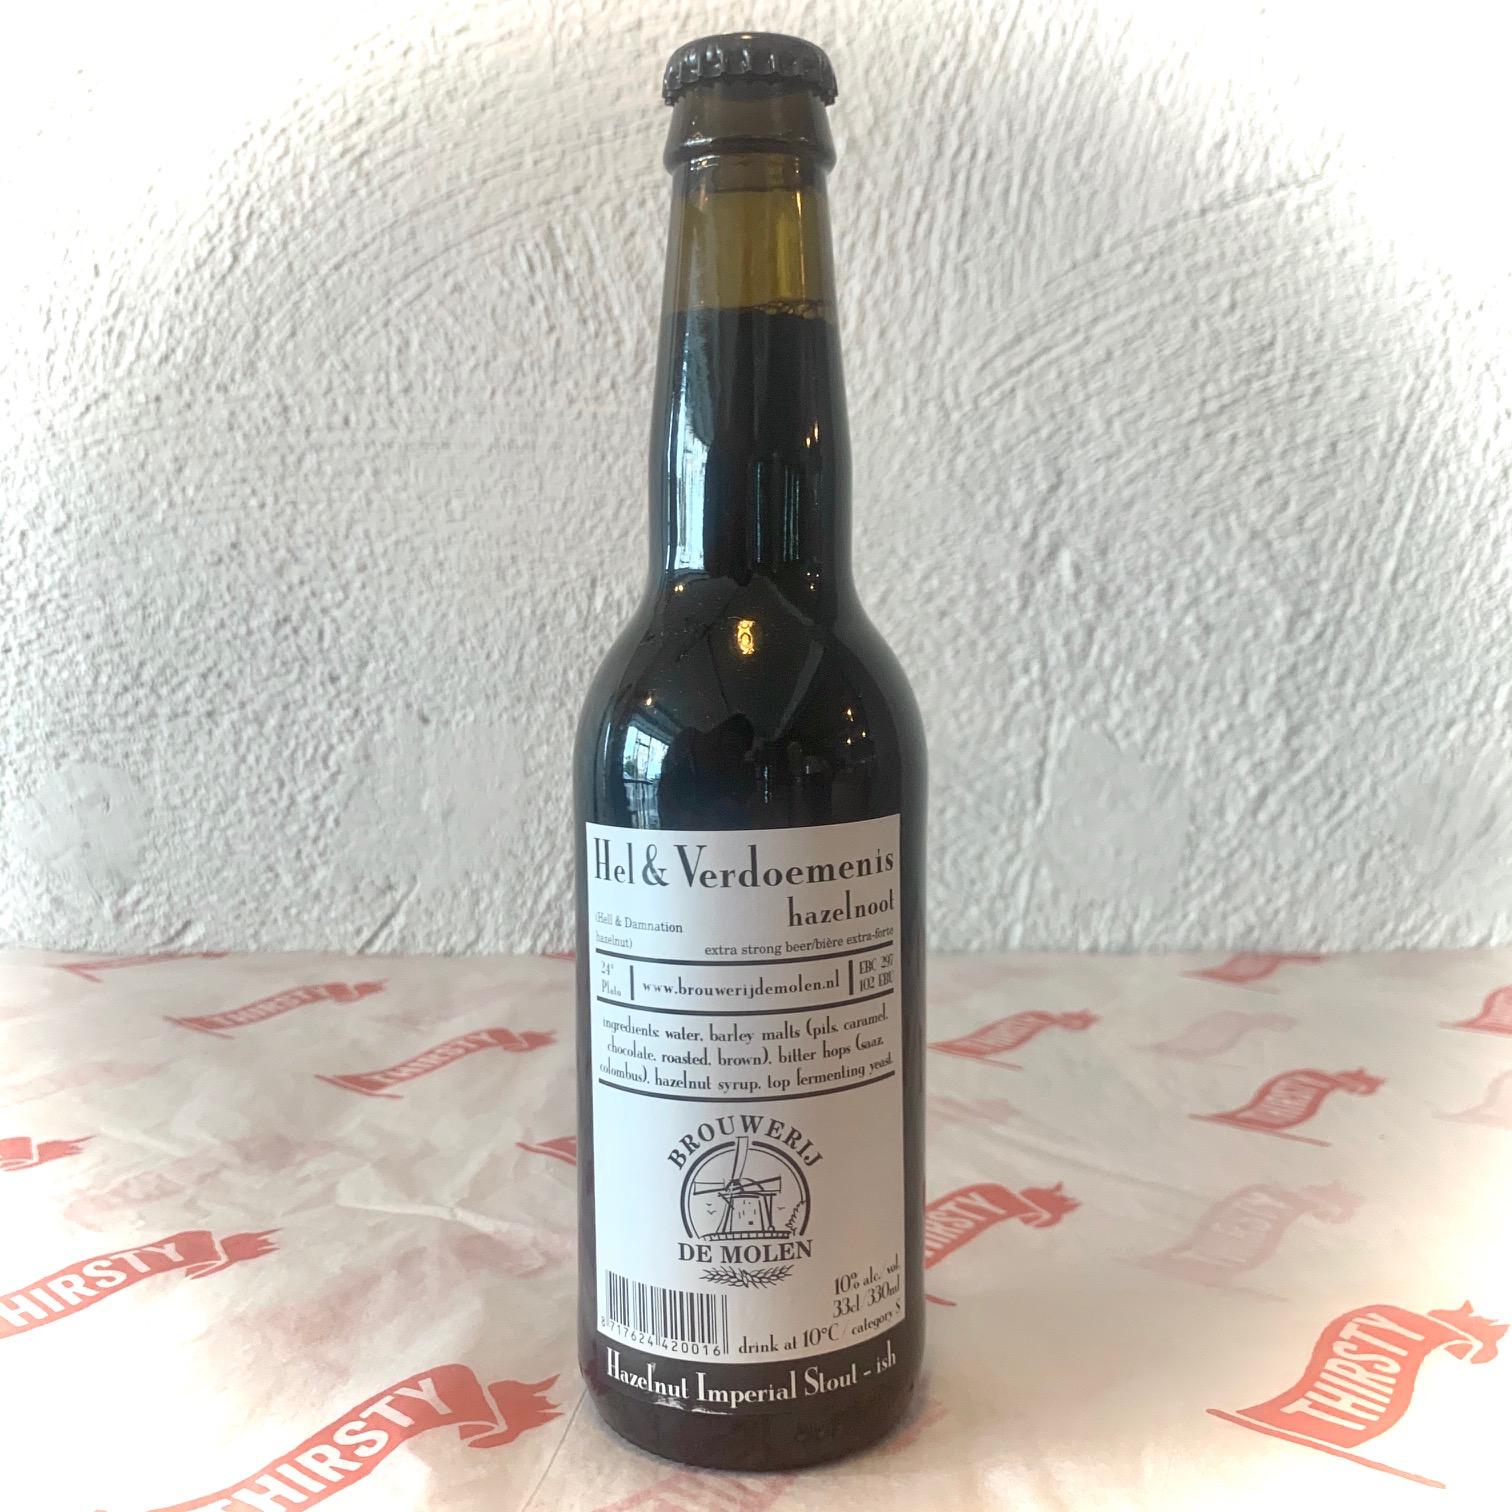 De Molen | Hel & Verdoemenis | Imperial Stout 10% 330ml